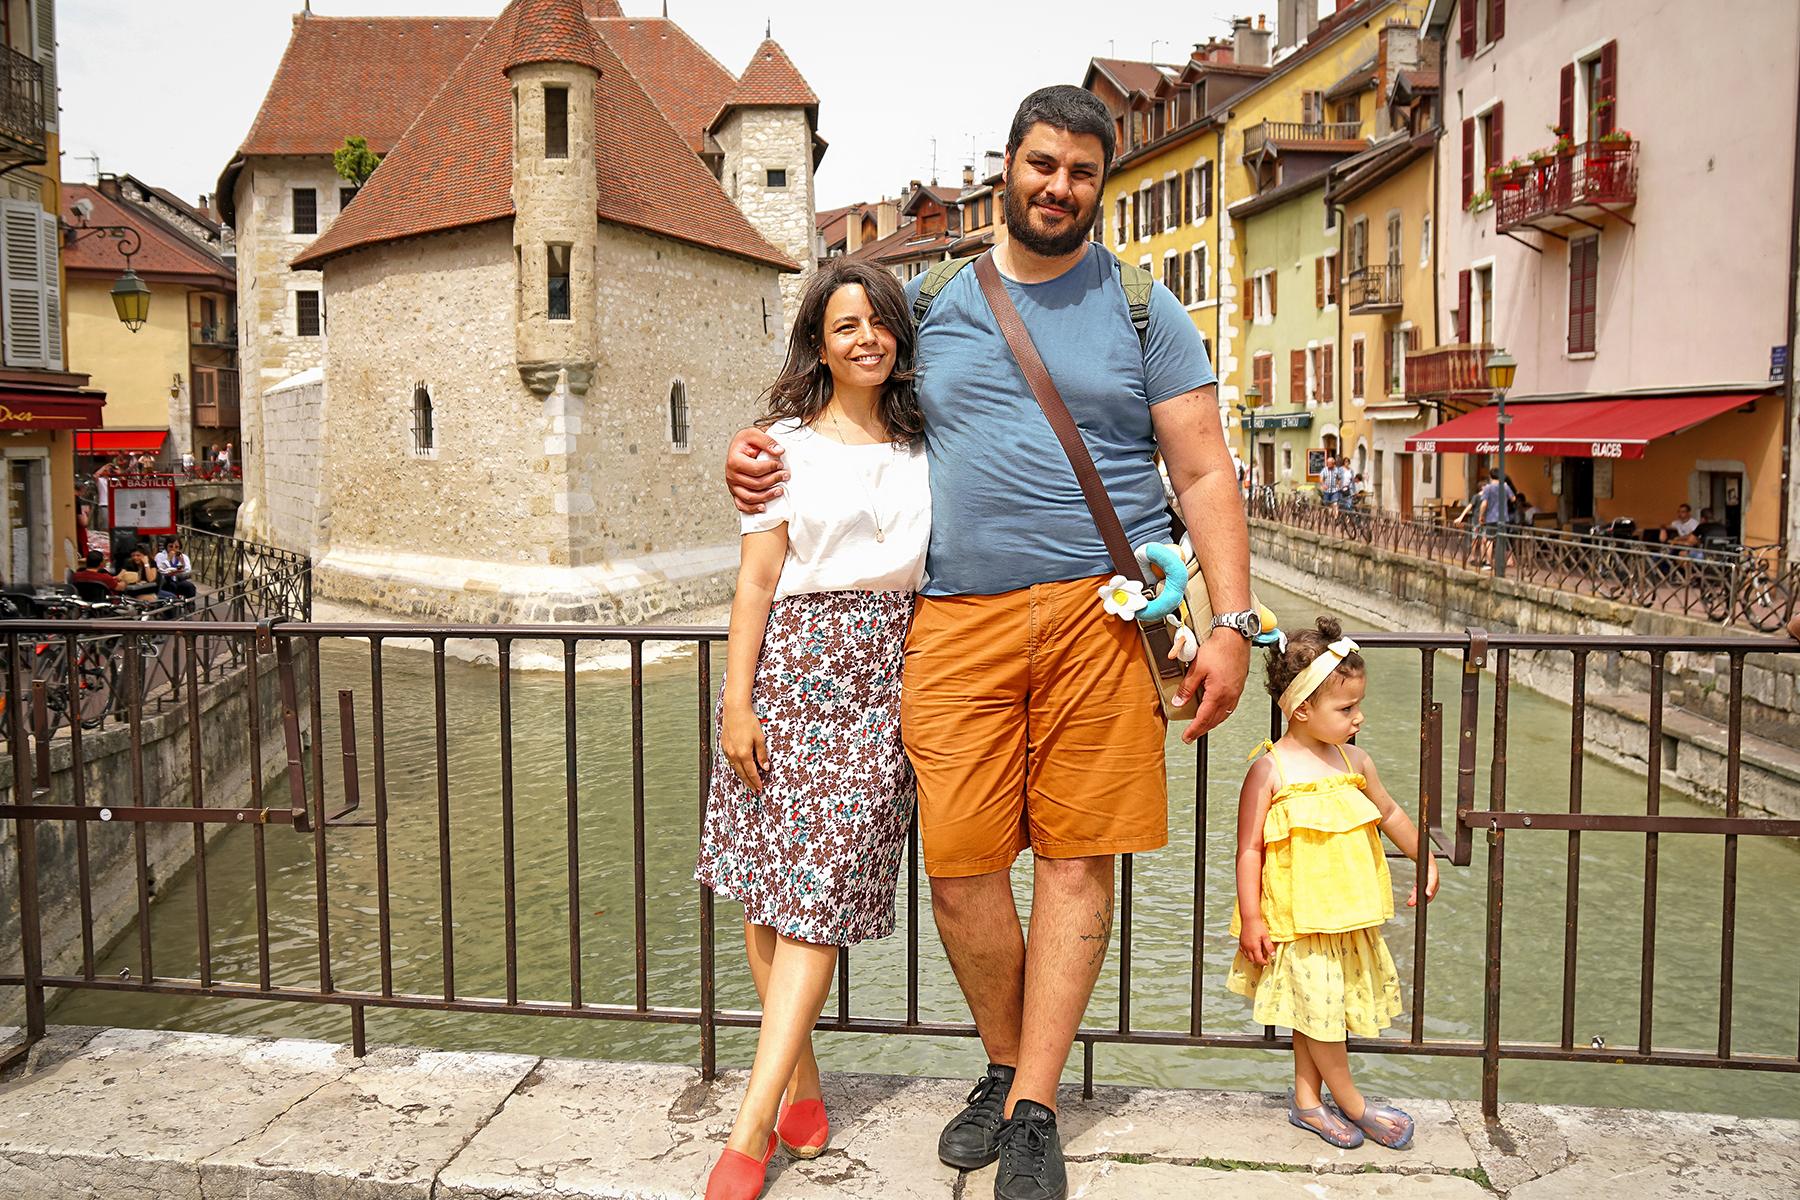 Annecy le vieux en famille, Palais de l'Ile et rivière du Thioux